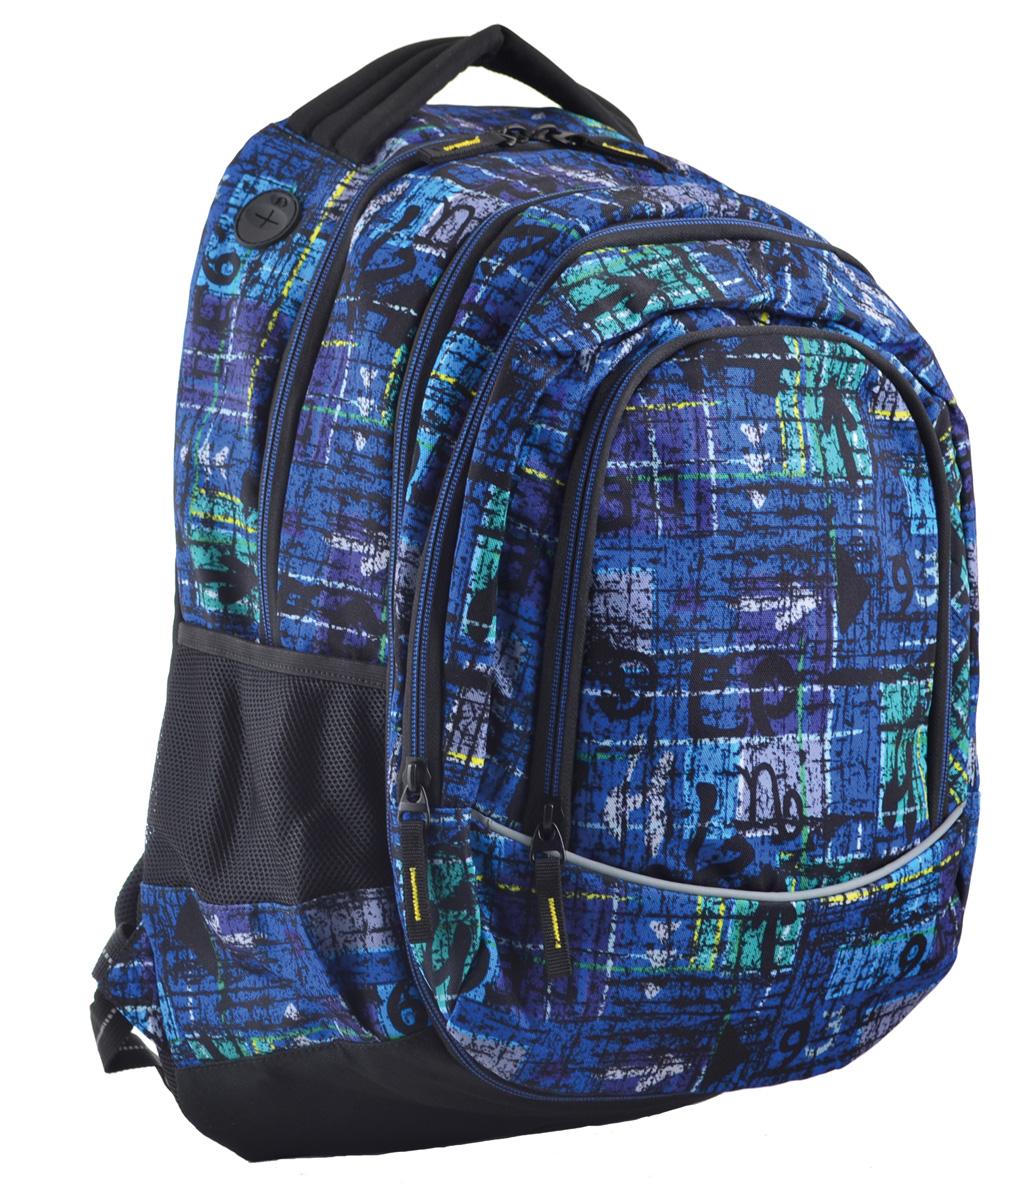 Рюкзак молодежный 2в1 Т-40 Way, 49*32*15.5